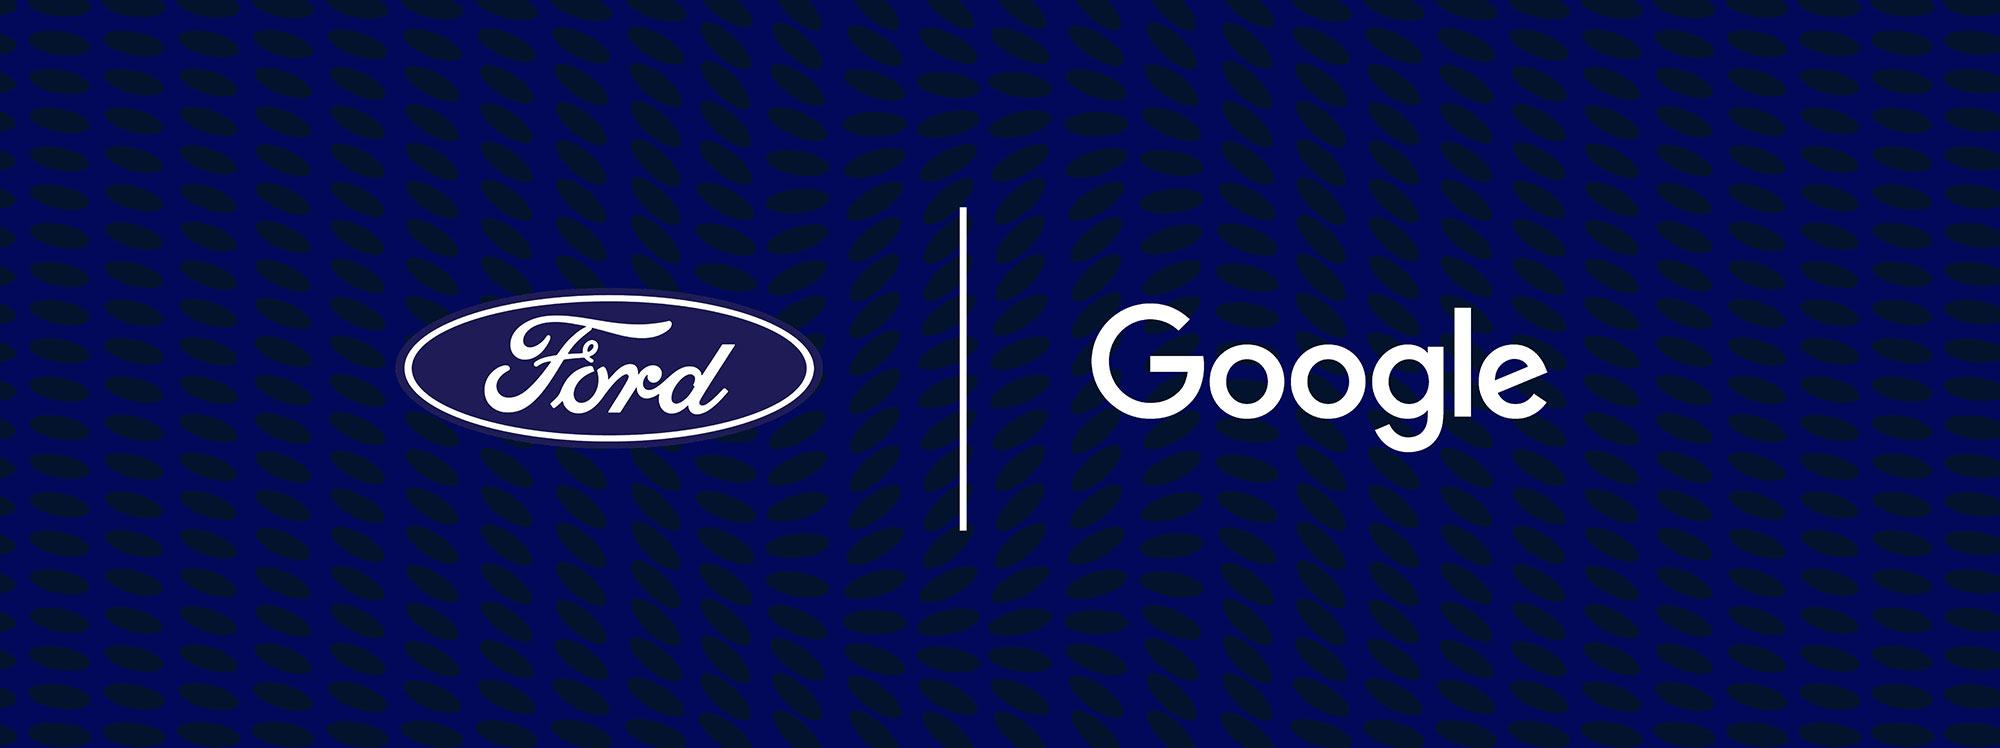 Ford y Google se unen para reinventar la conectividad vehicular